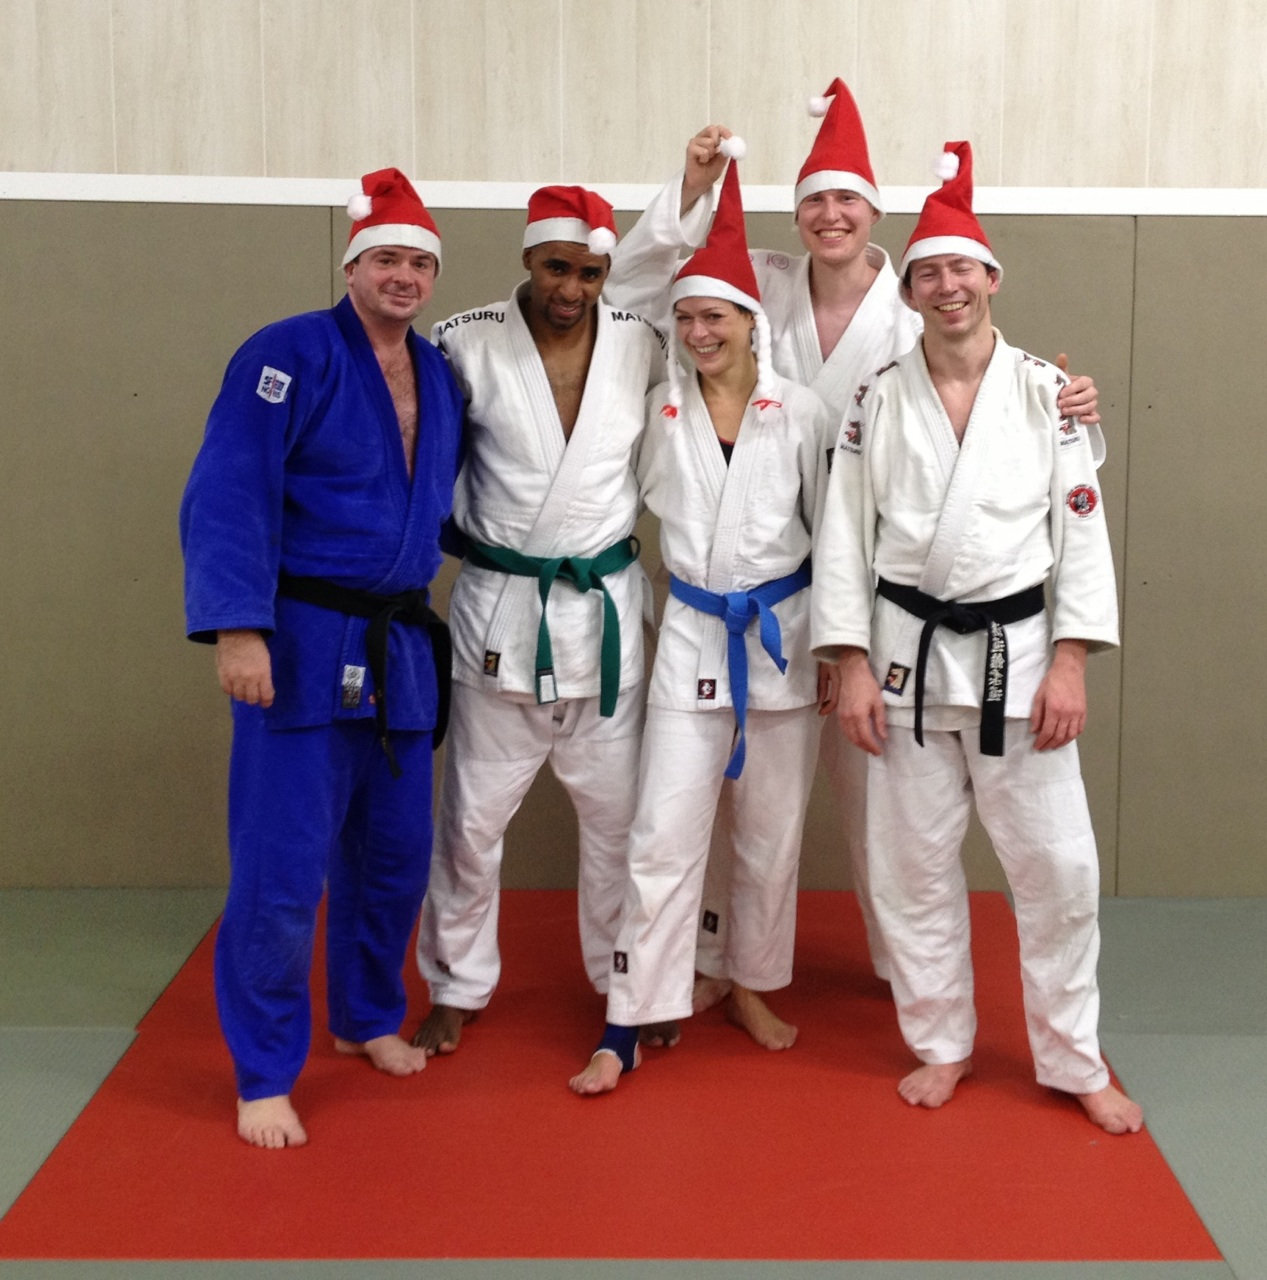 dernier-cours-jujitsu-efjjsd-annee-2013-cercle-tissier (5)